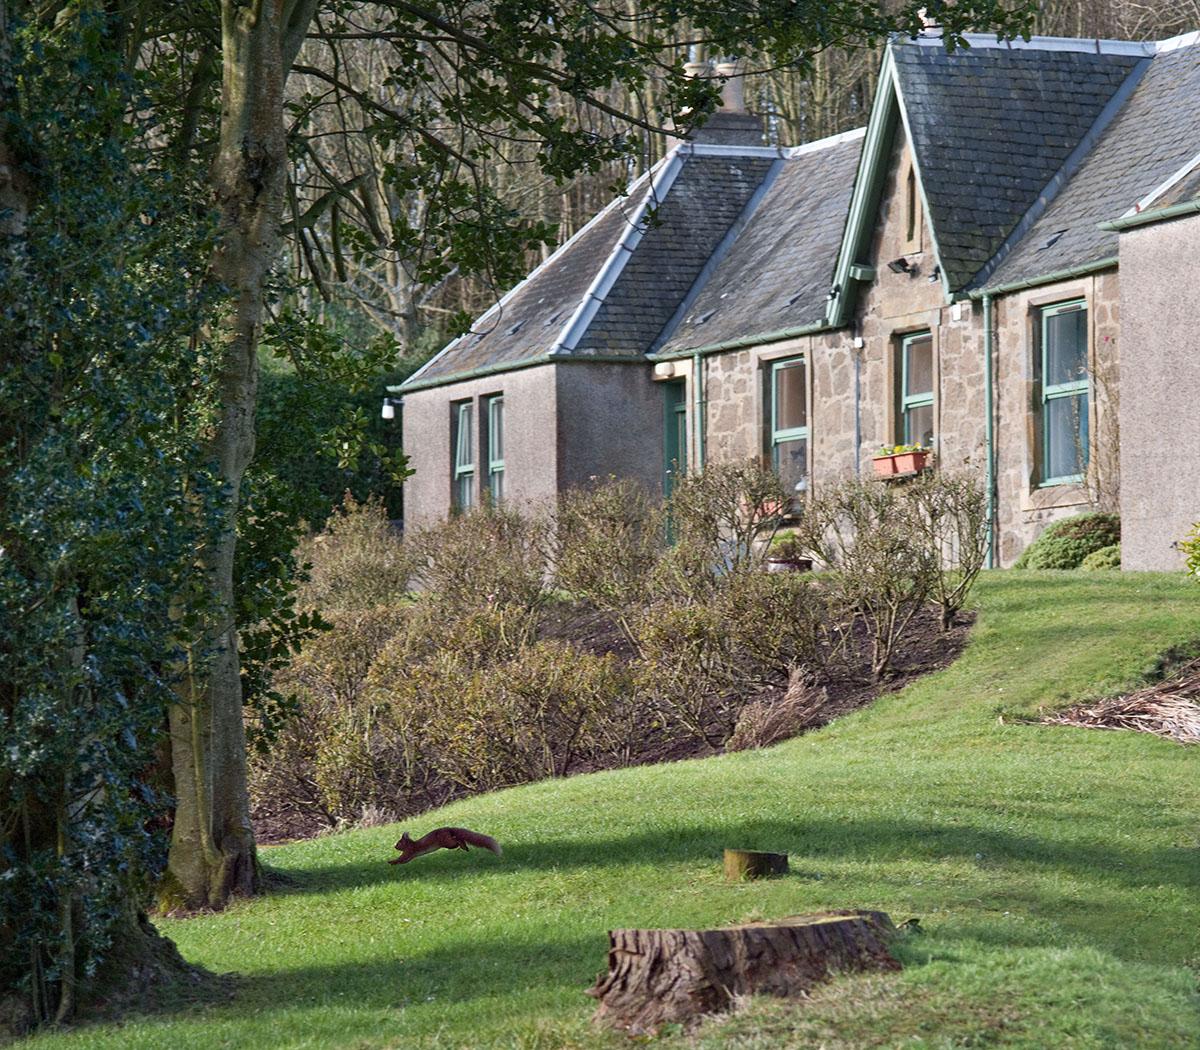 Teasses-cottage-rental-estate-